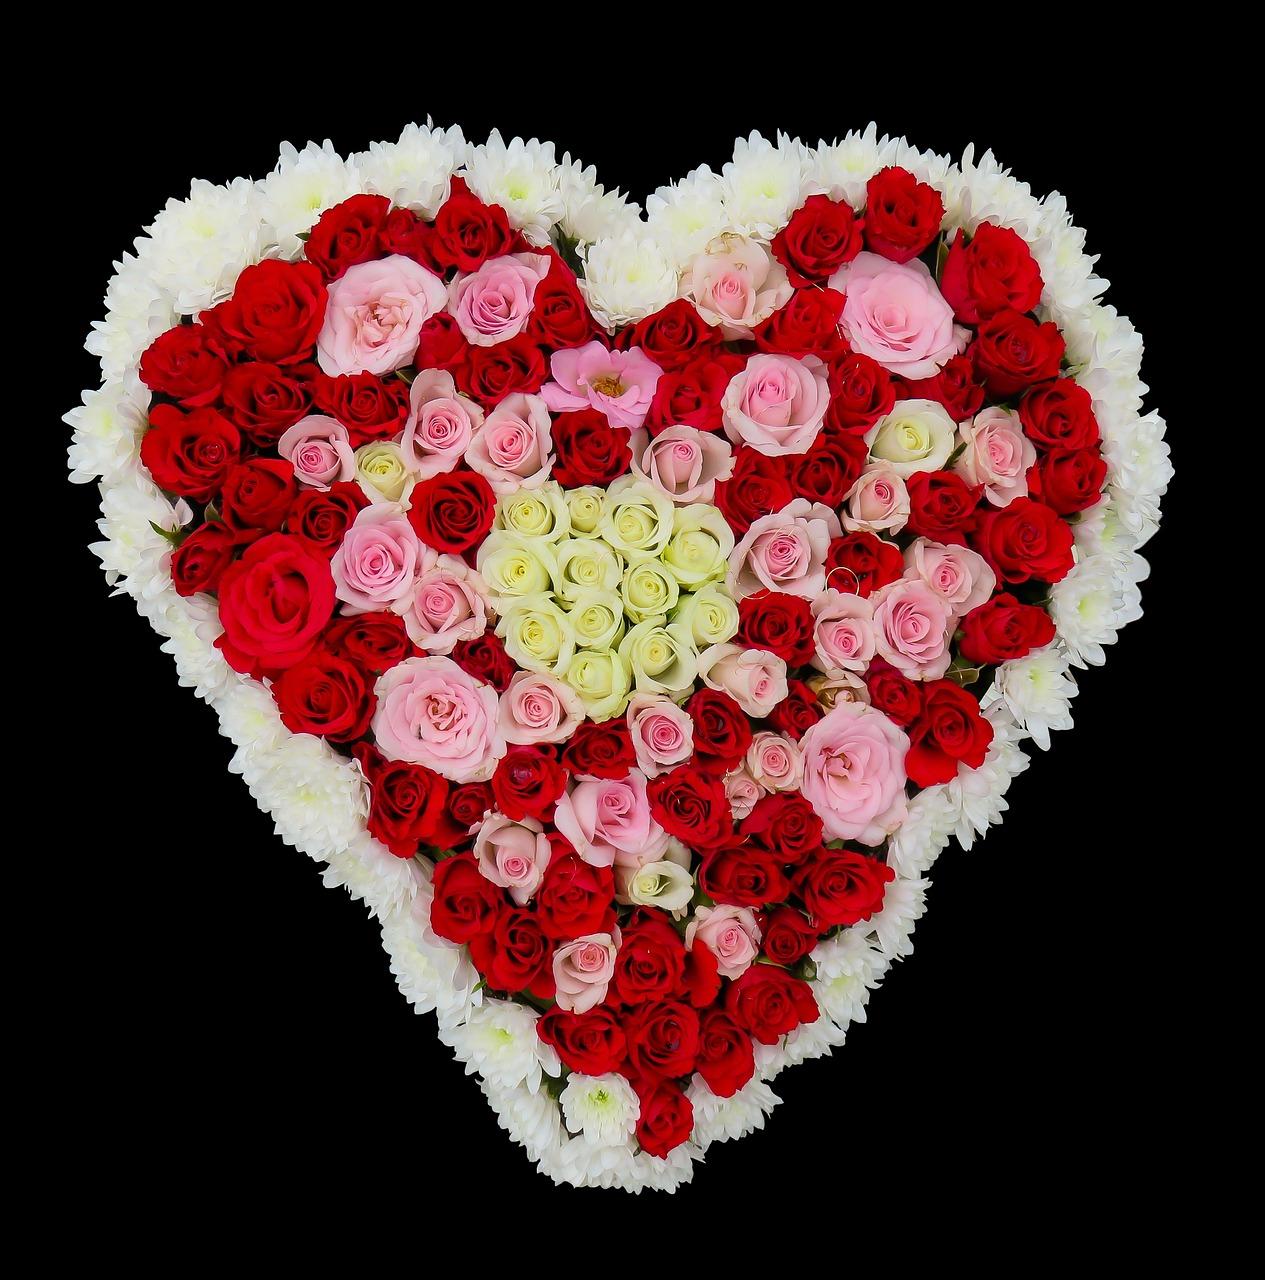 Картинка с сердцем из цветов